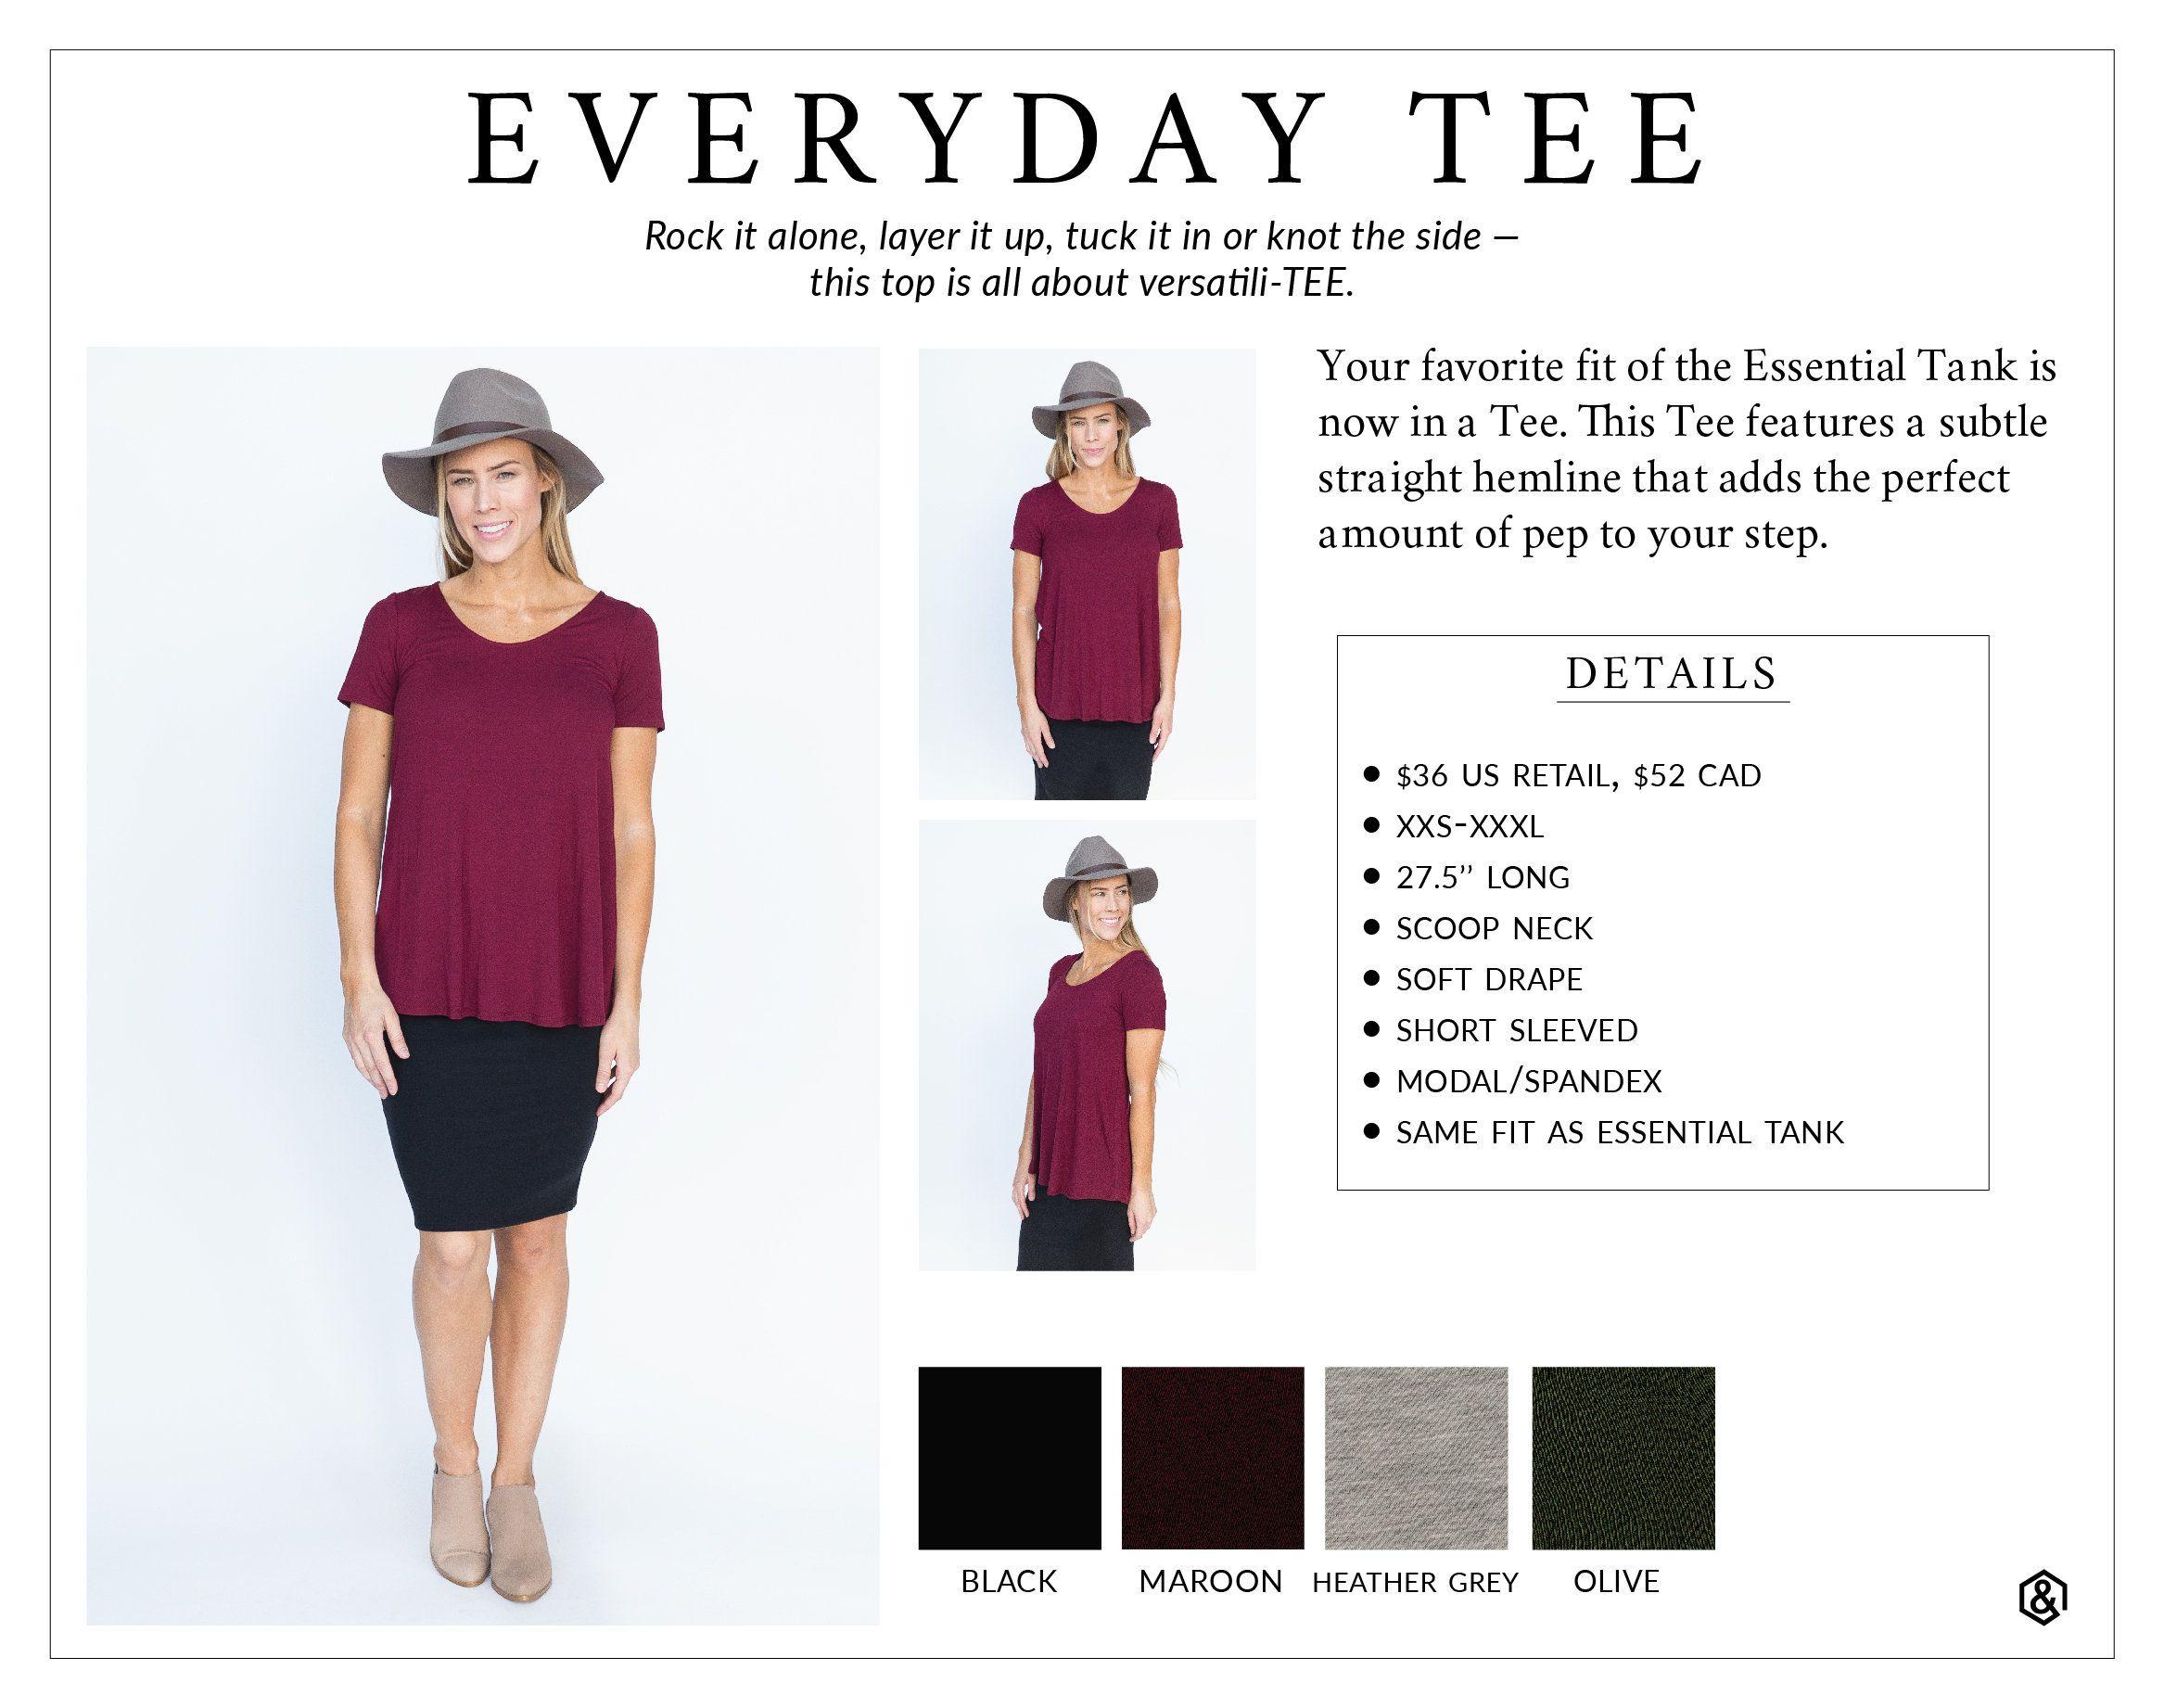 88f2c766 Agnes & Dora Everyday Tee Simple Basic T Shirt for Everyones Closet  Wardrobe Agnes and Dora Outfits with Leggings www.shopmyprettythings.com  #agnesanddora ...